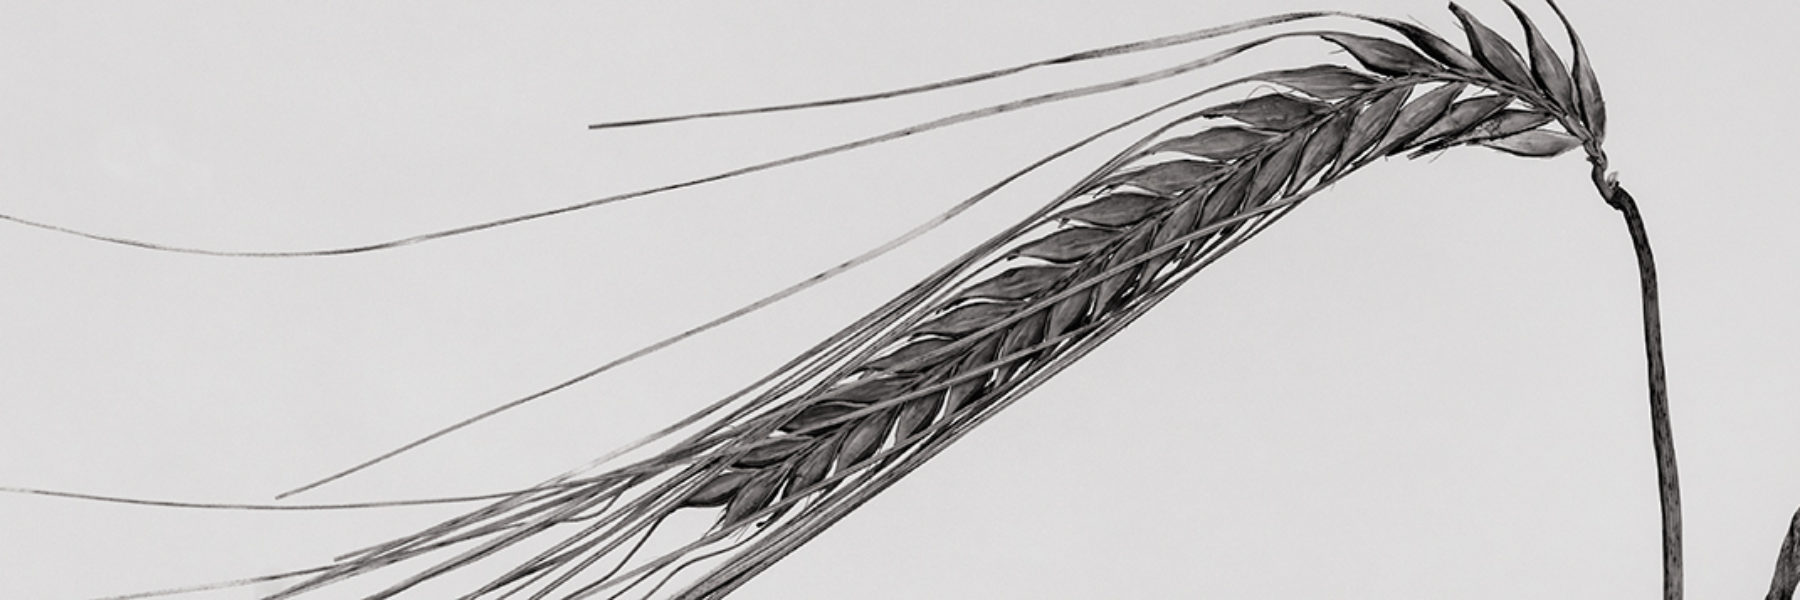 Getreide-Studien